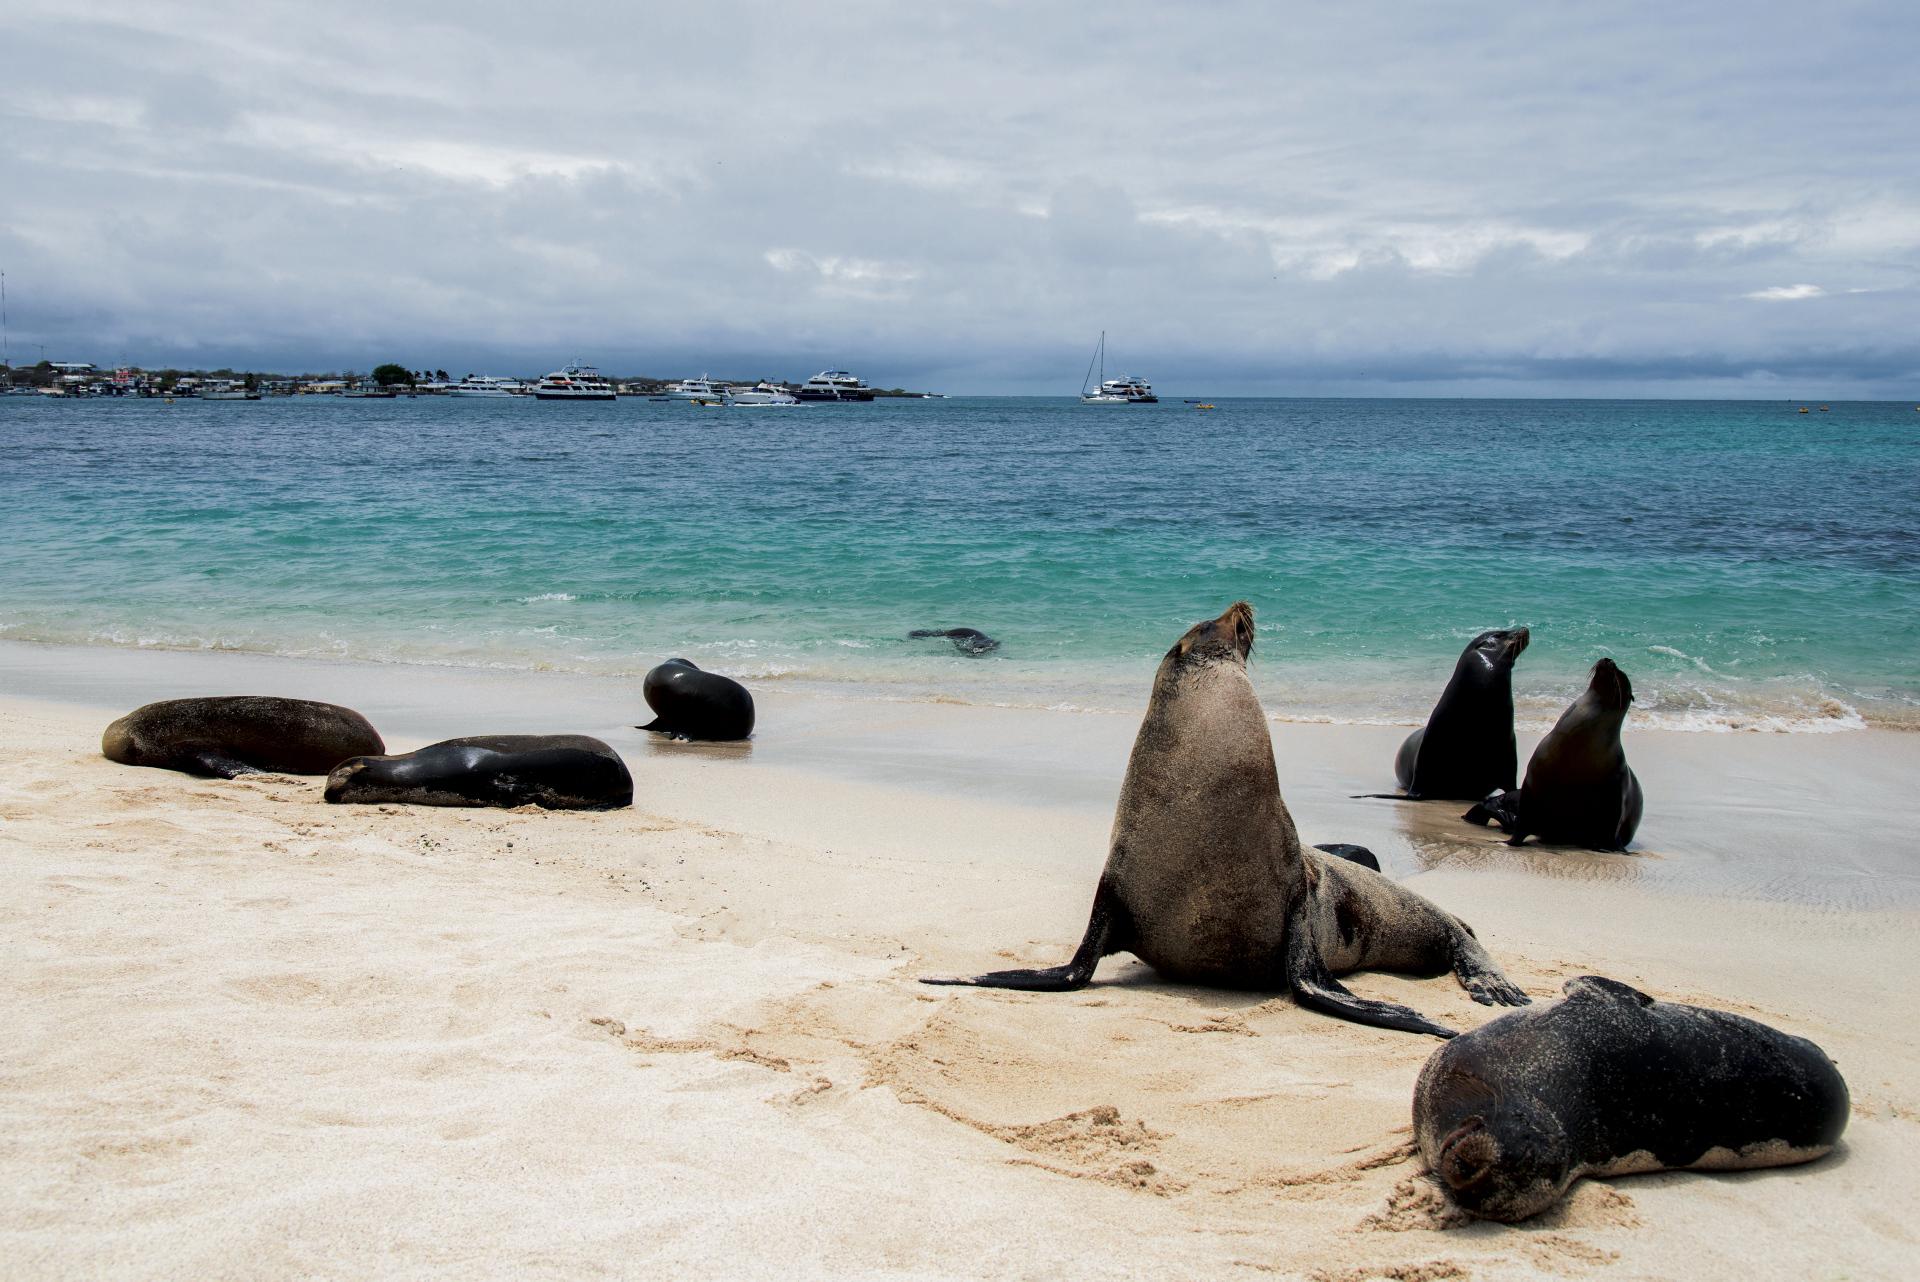 Landgang mit Seelöwen